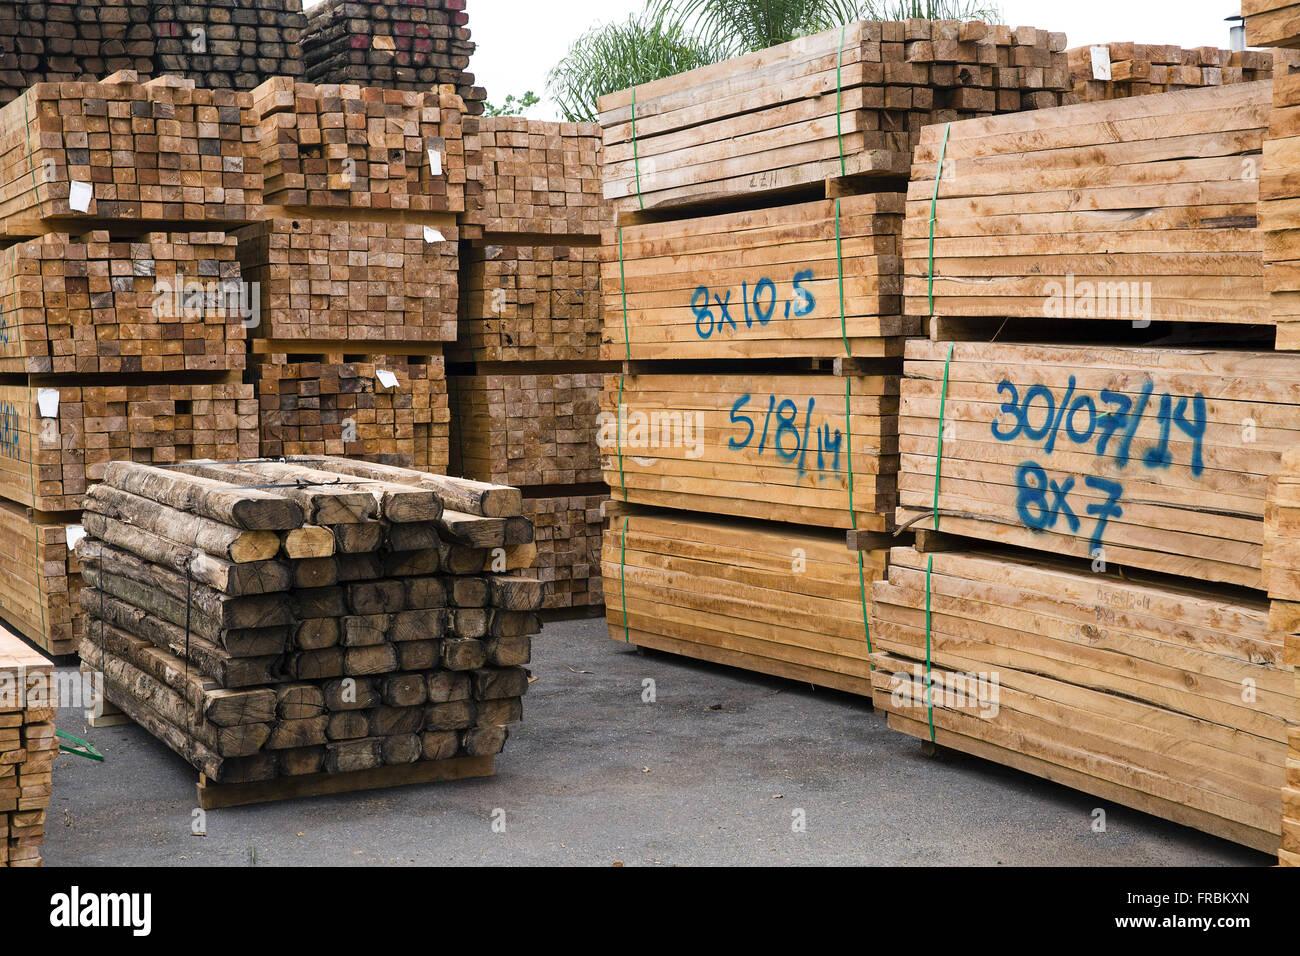 Patio de l'industrie de transformation du bois extrait de l'arbre planté Teak Photo Stock